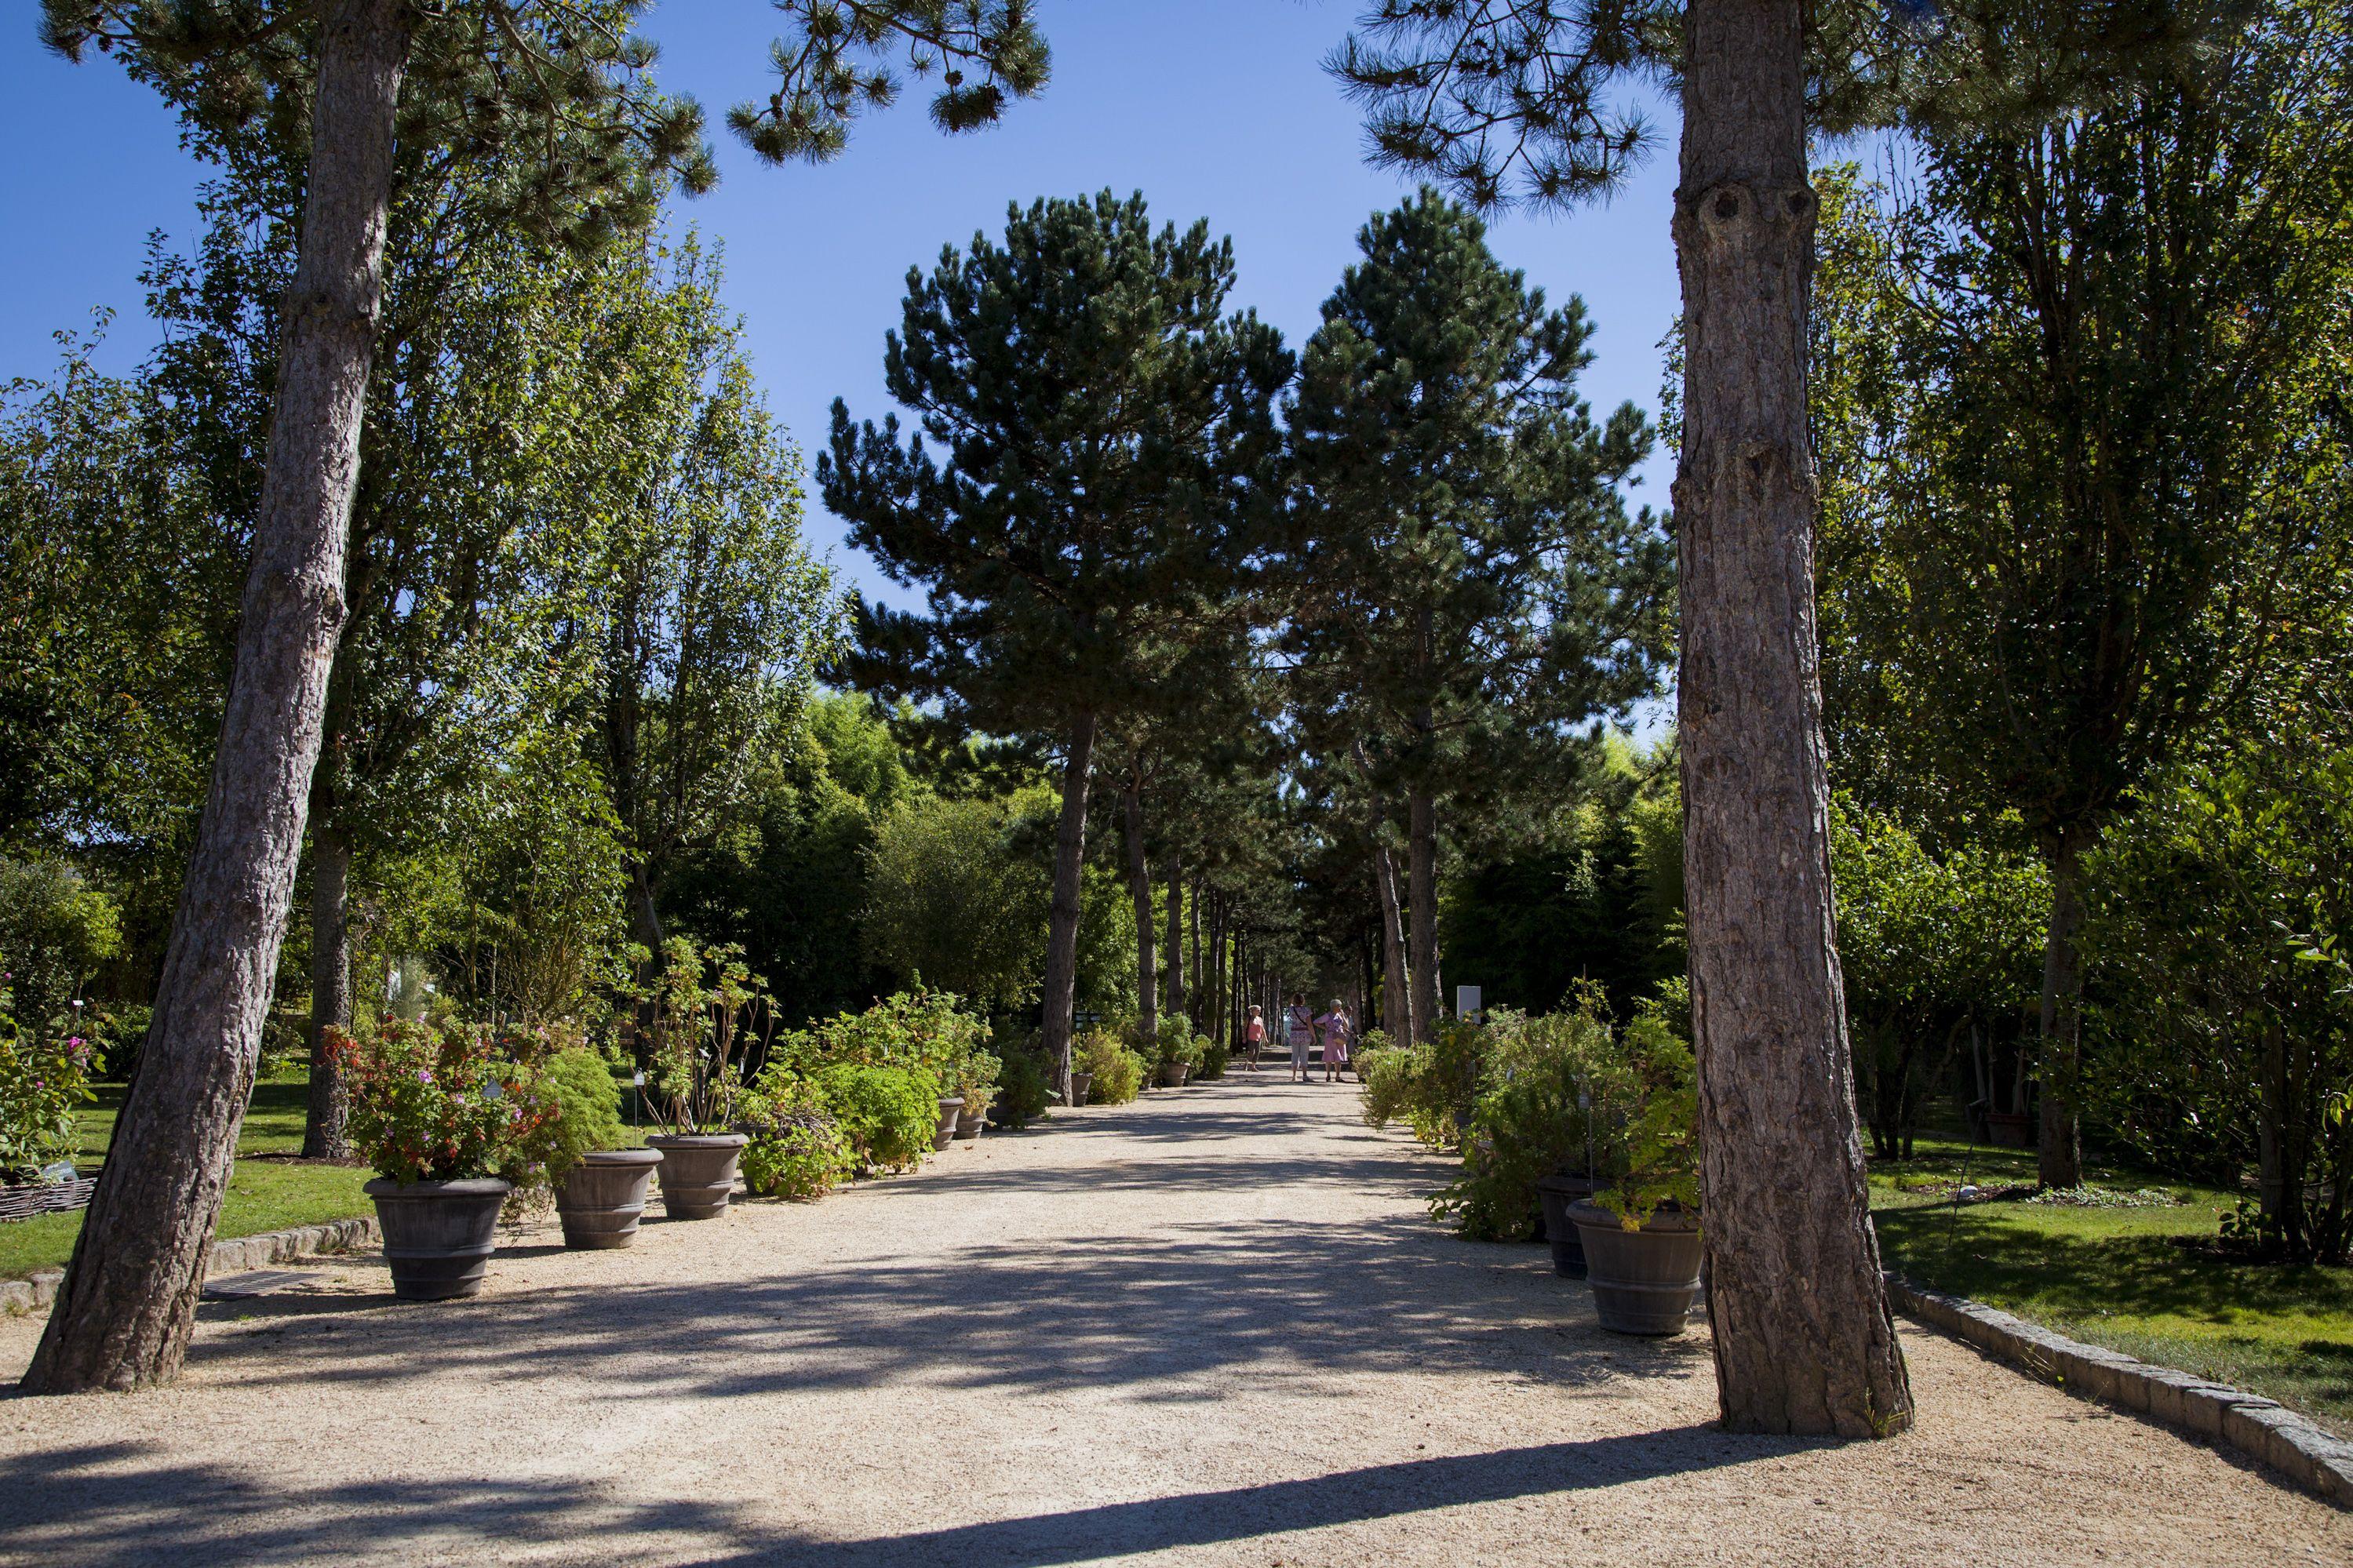 Jardin botanique yves rocher jardin botanique pinterest for Jardin yves rocher